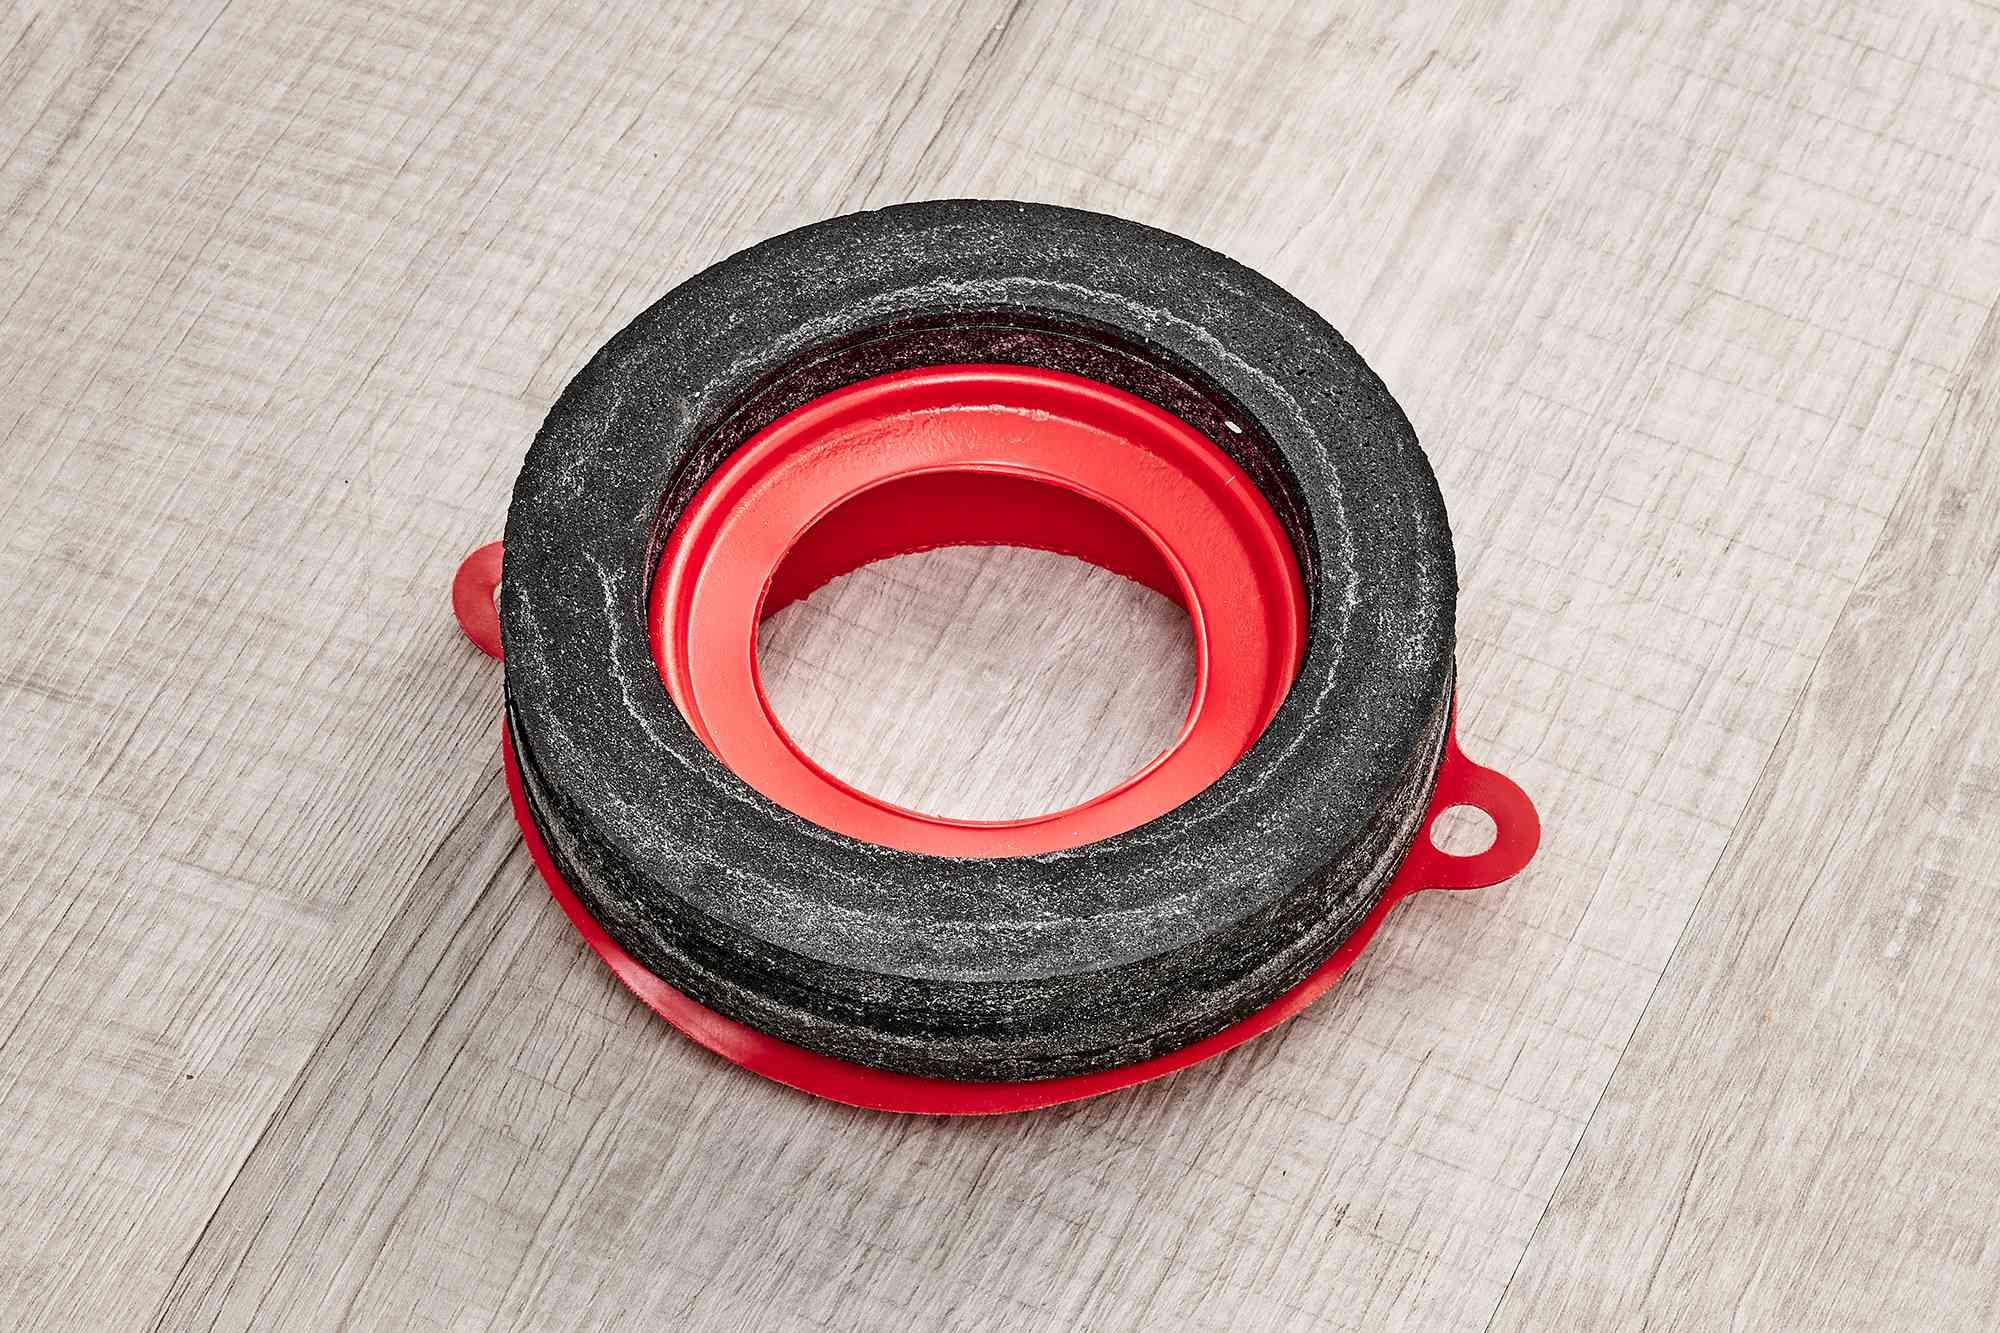 Wax-free foam gasket toilet seal for plumbing